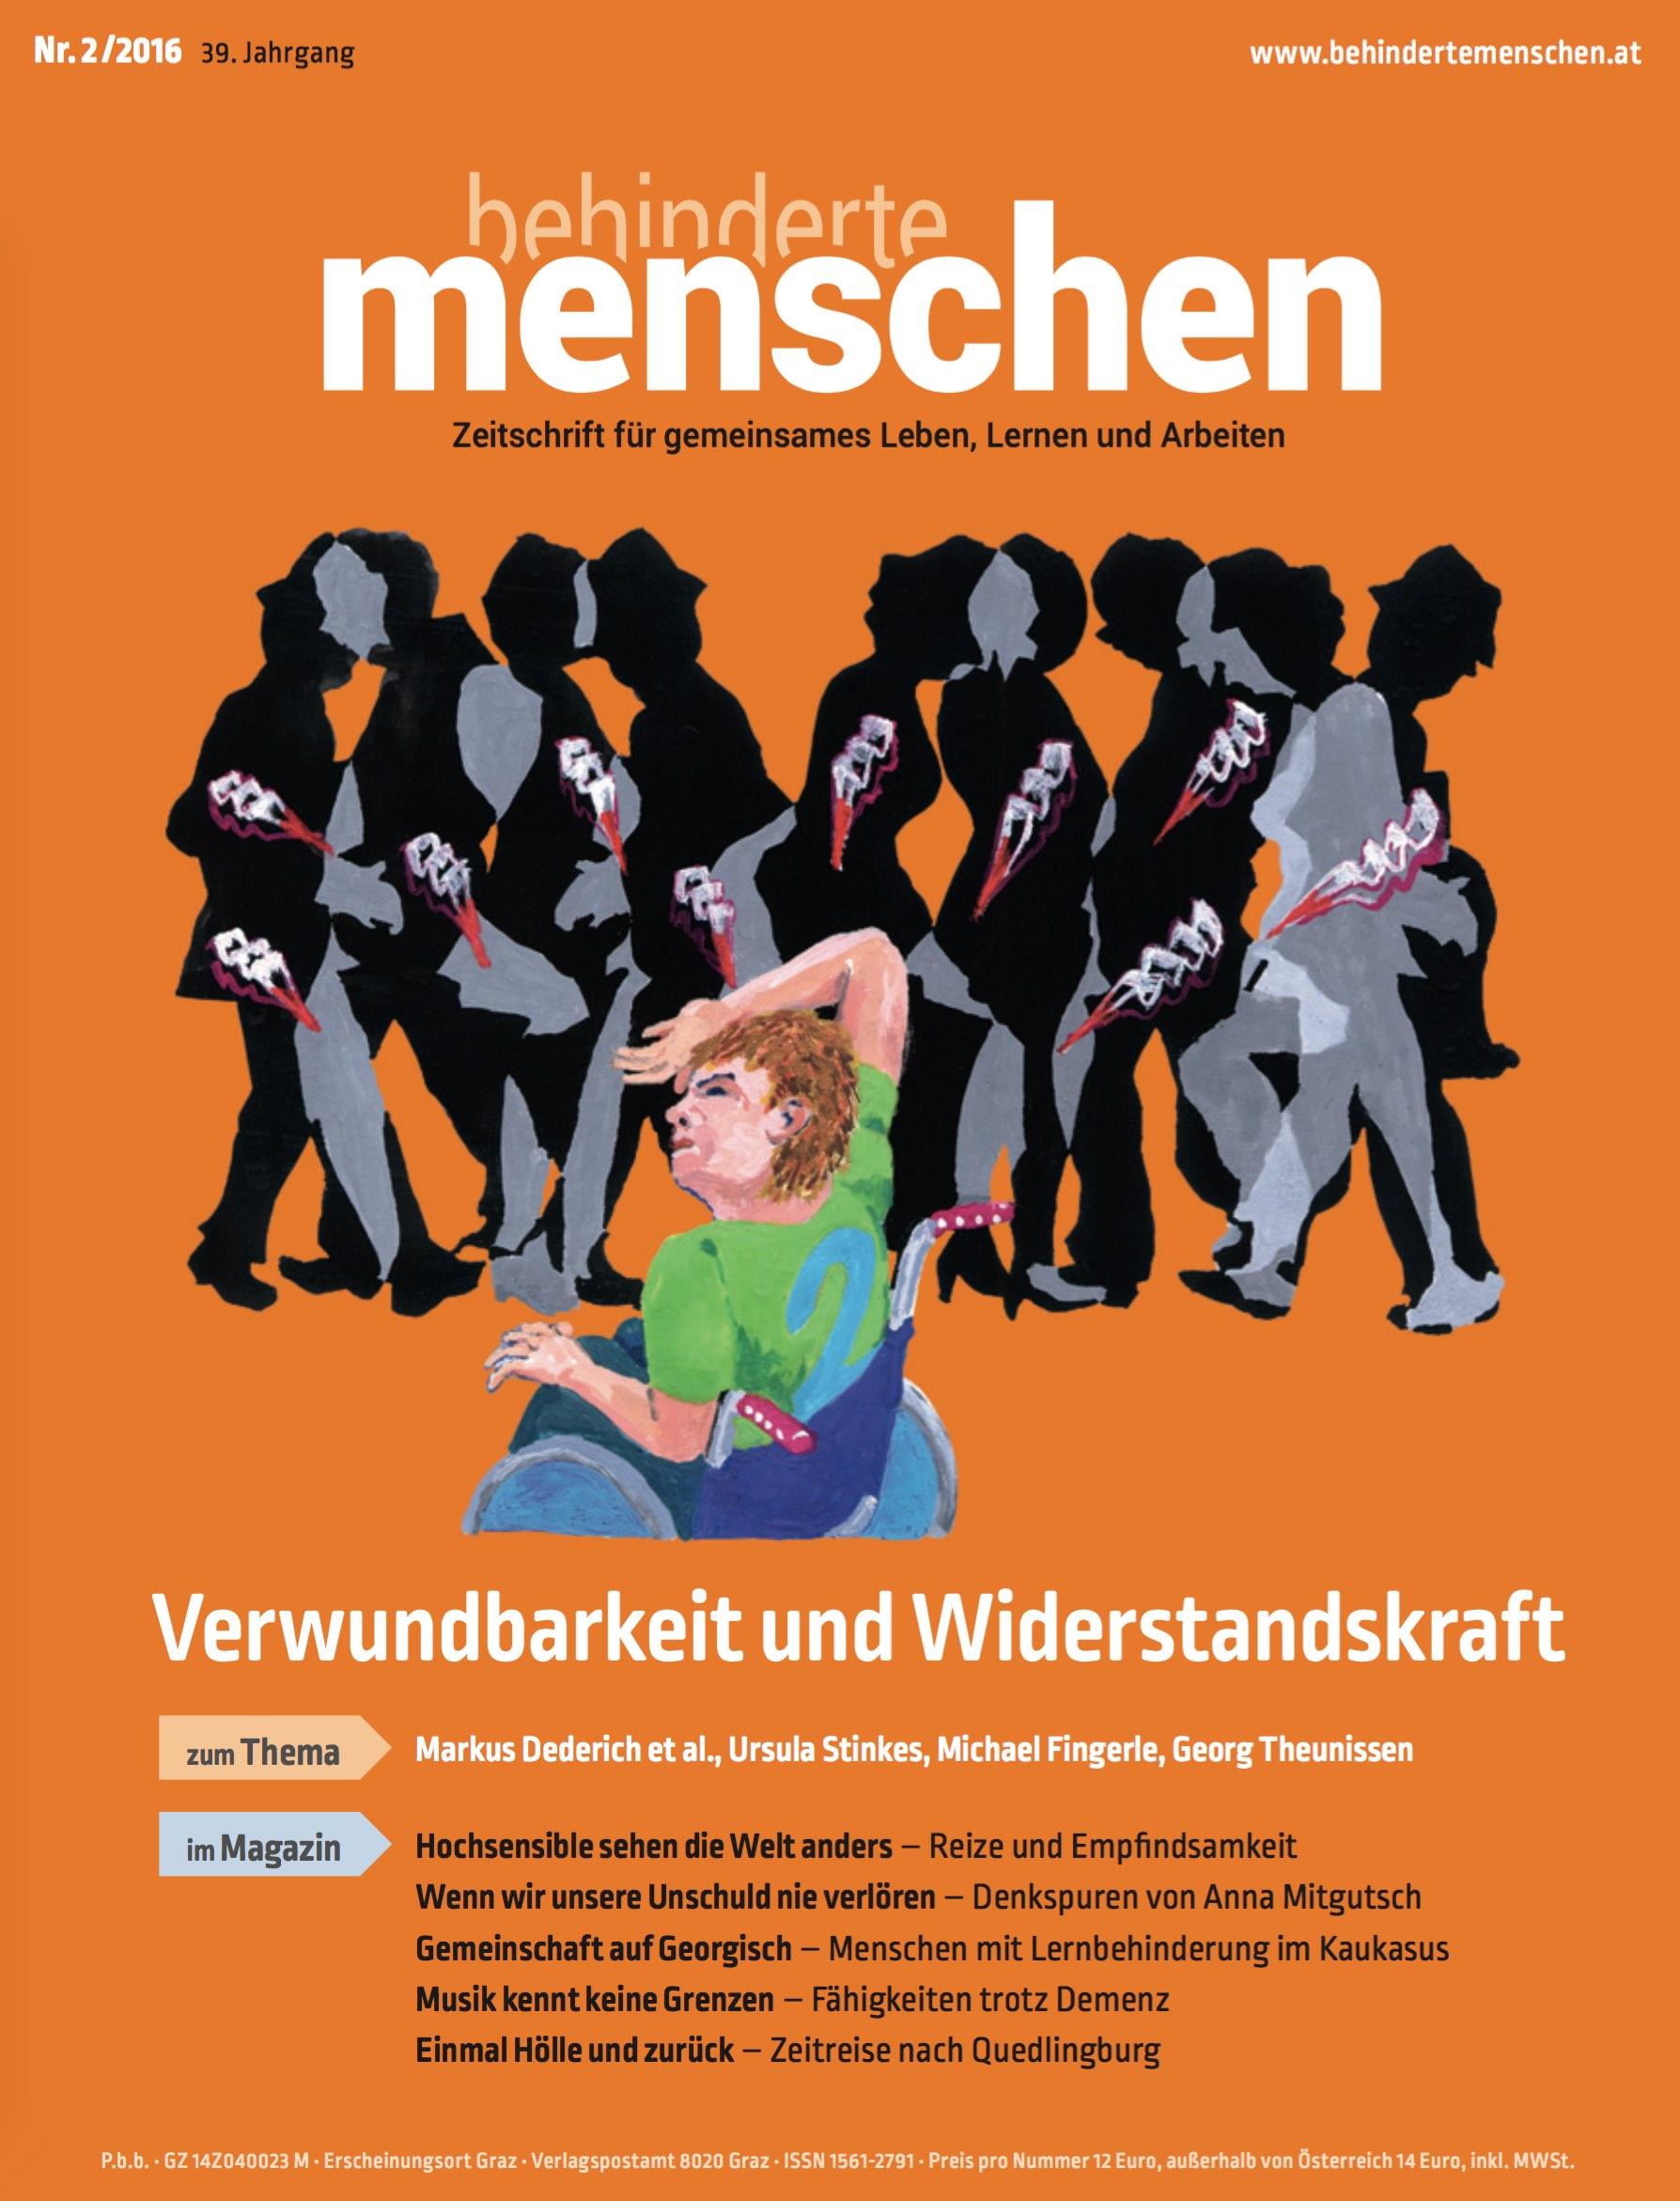 """Titelbild der Zeitschrift BEHINDERTE MENSCHEN, Ausgabe 2/2016 """"Verwundbarkeit und Widerstandskraft"""""""